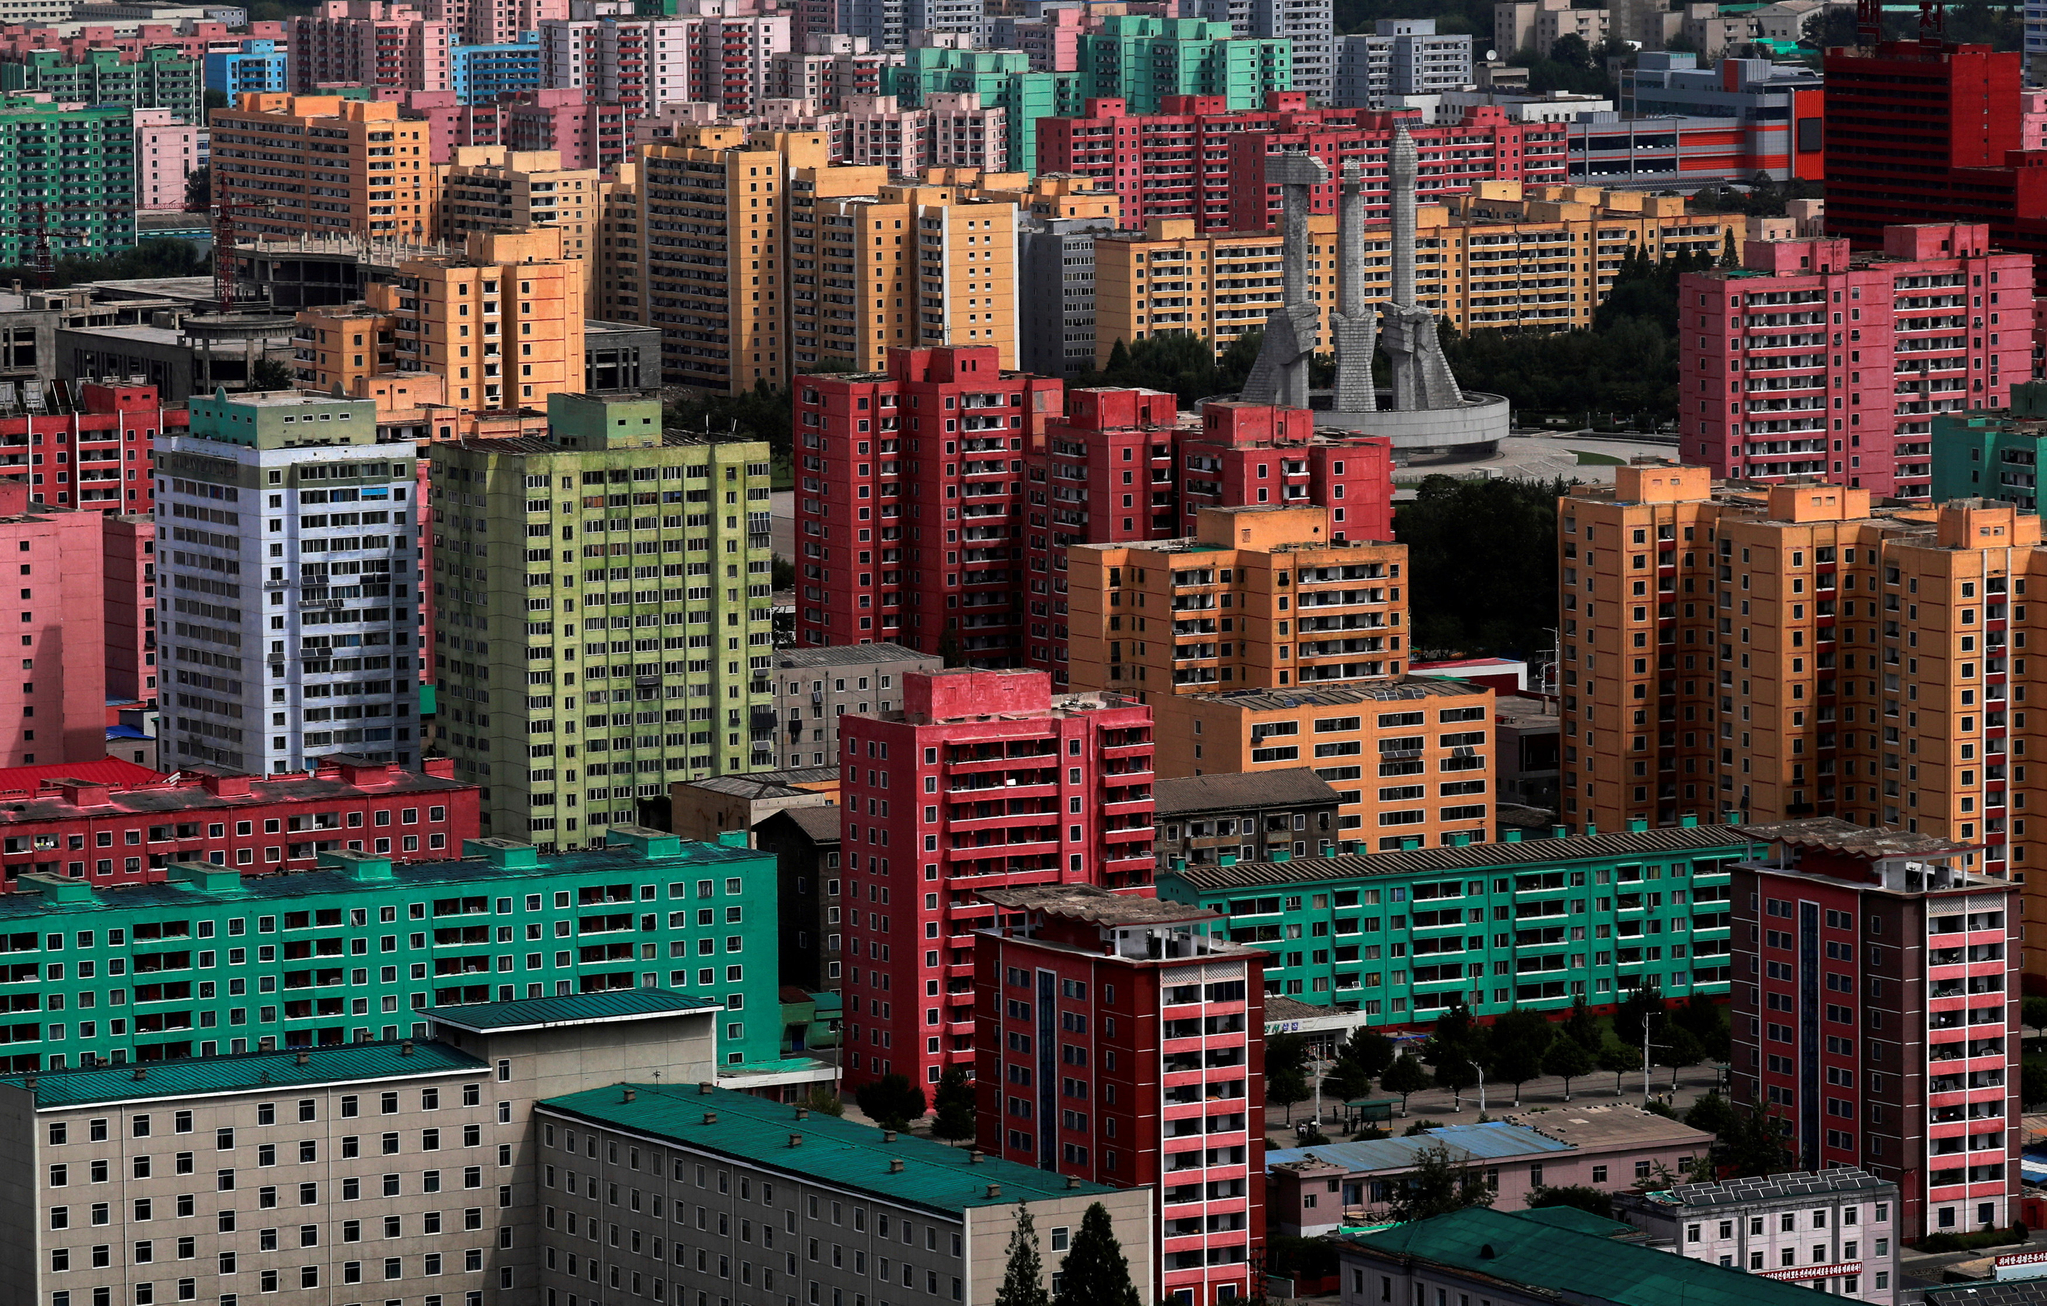 평양 시내의 아파트 단지의 외관이 과거에 비해 화려해졌다. [로이터=연합뉴스]